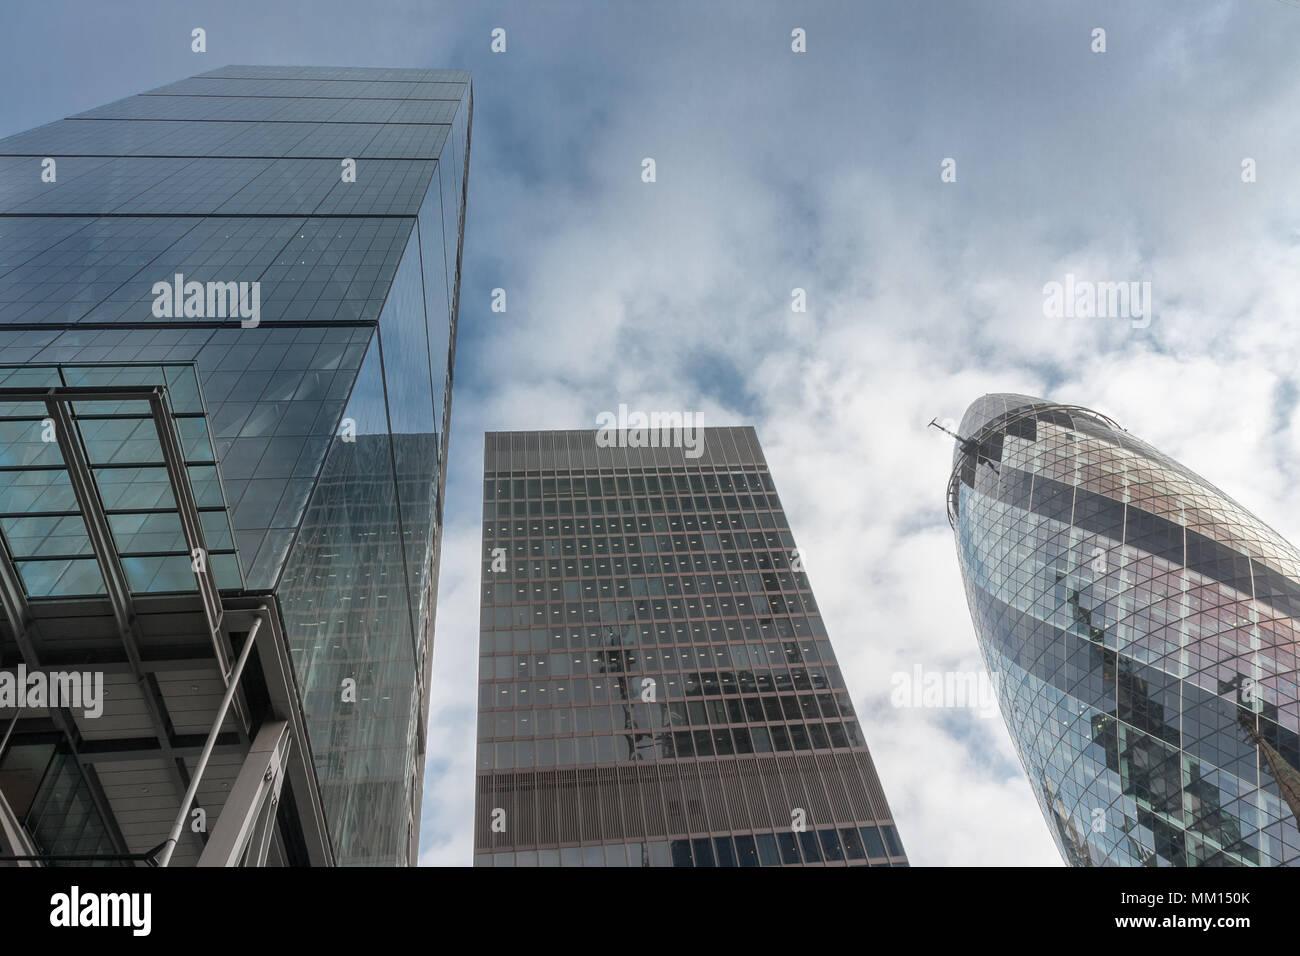 CITY OF LONDON, Londra-SETTEMBRE 7,2017:L'edificio Leadenhall, St Helens grattacielo e 30 St Mary Axe il 7 settembre 2017 a Londra. Immagini Stock